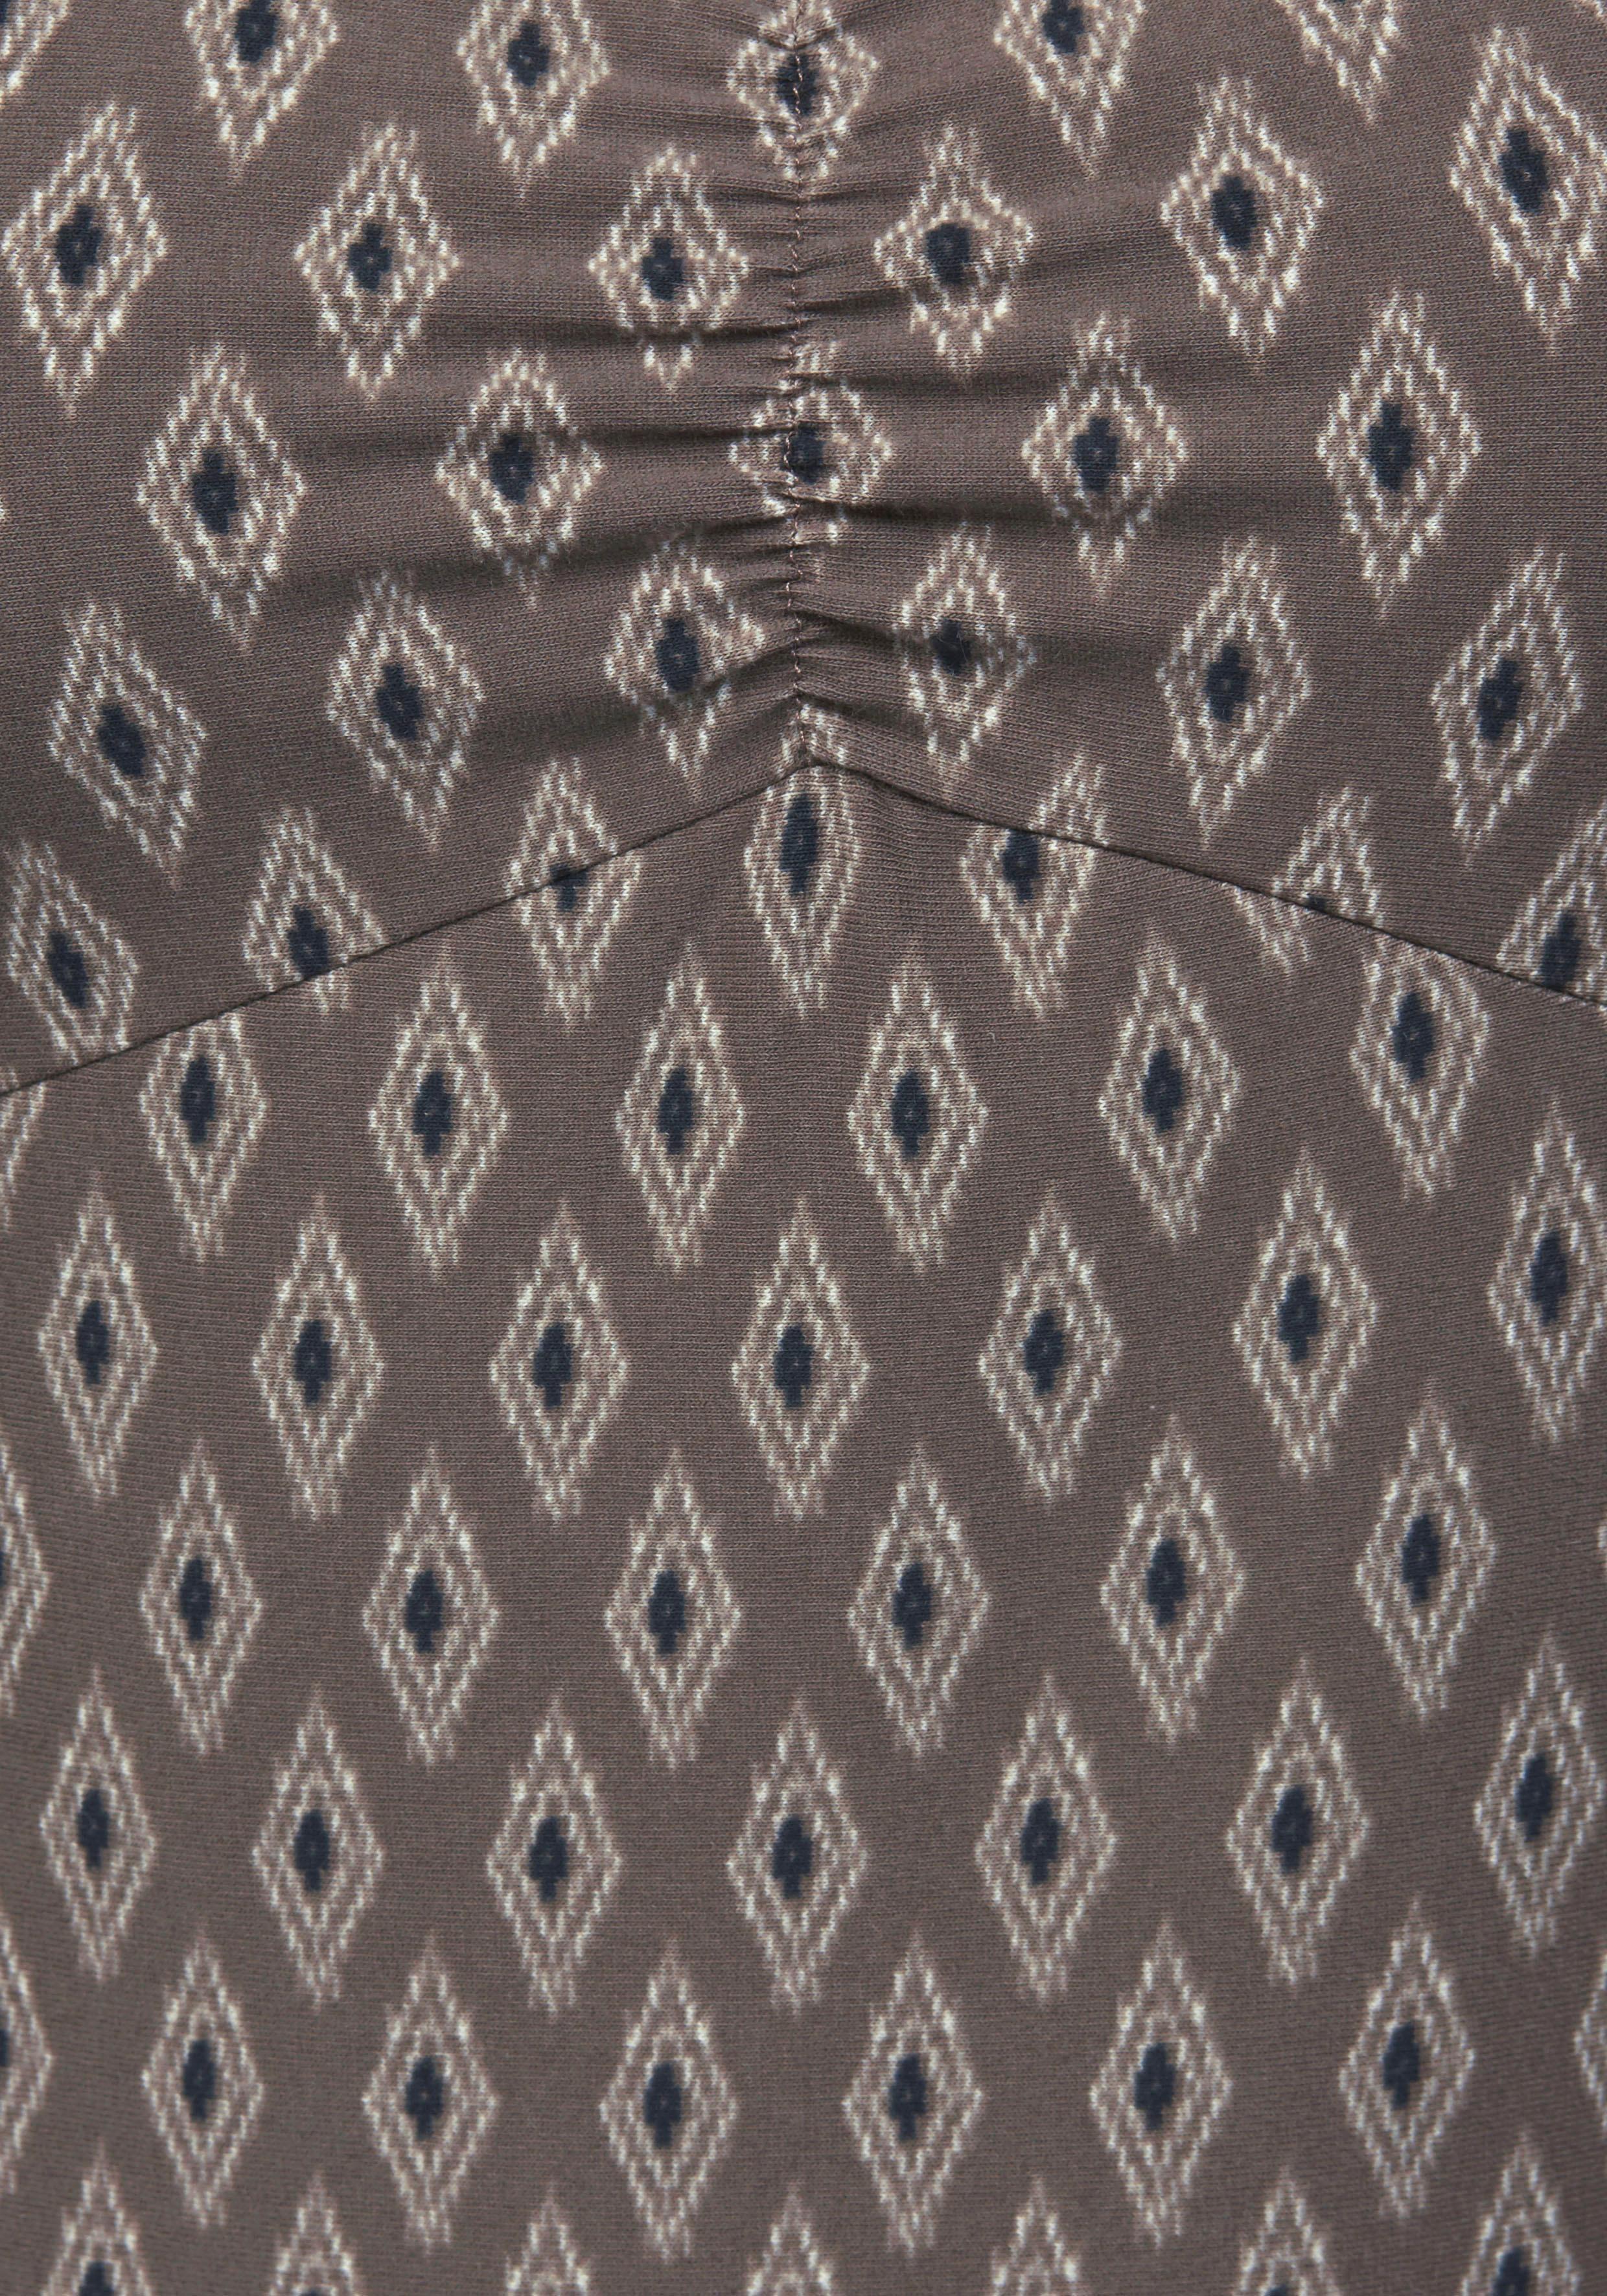 Länge Boysen's Jerseykleid Knieumspielender BordürendruckIn Online Kaufen Aufwendigem Mit N8kXZnP0wO